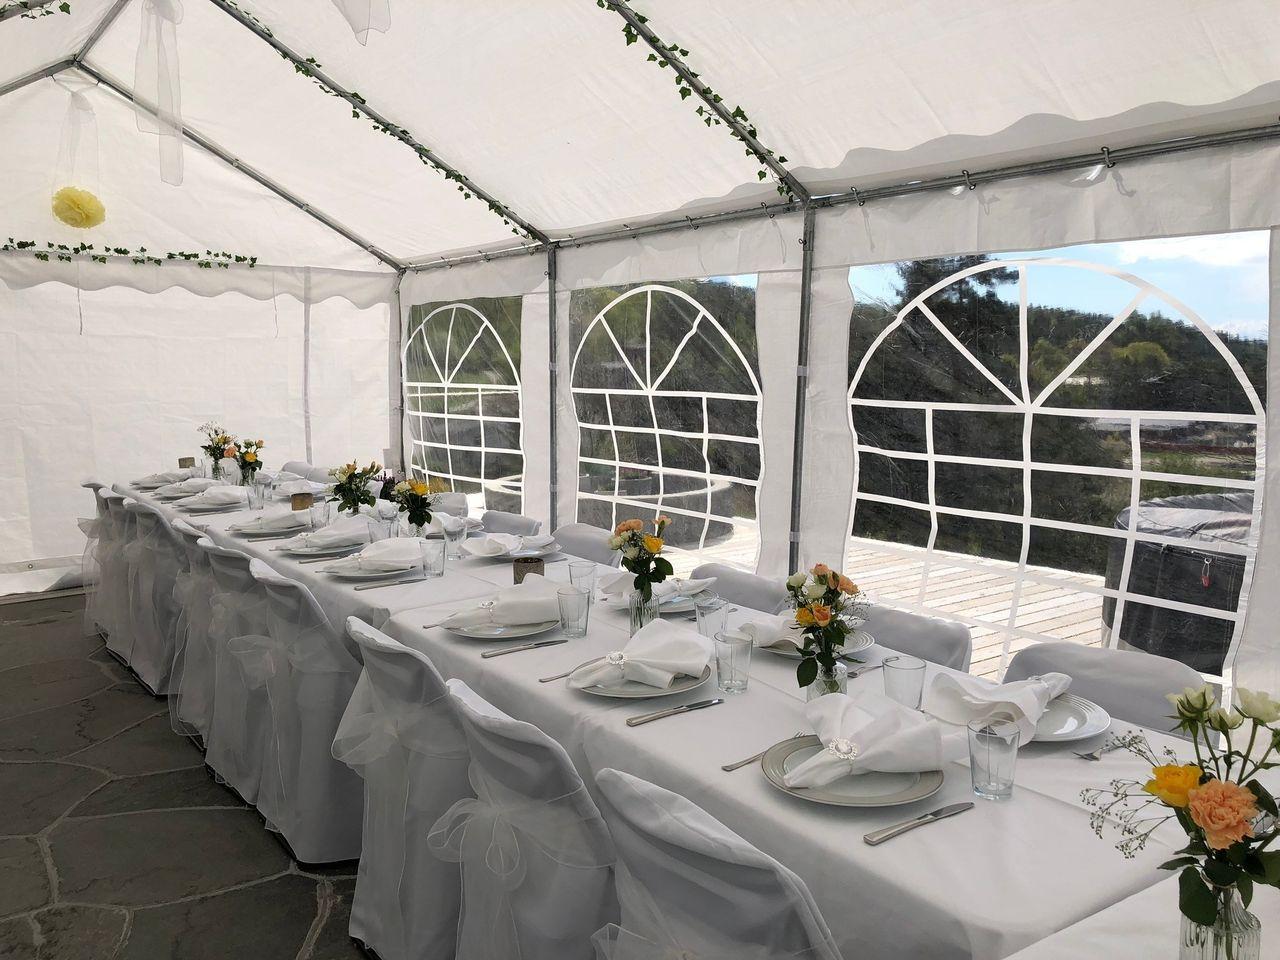 Konfirmasjon eller bryllup? Telt, bord, stoler, duker